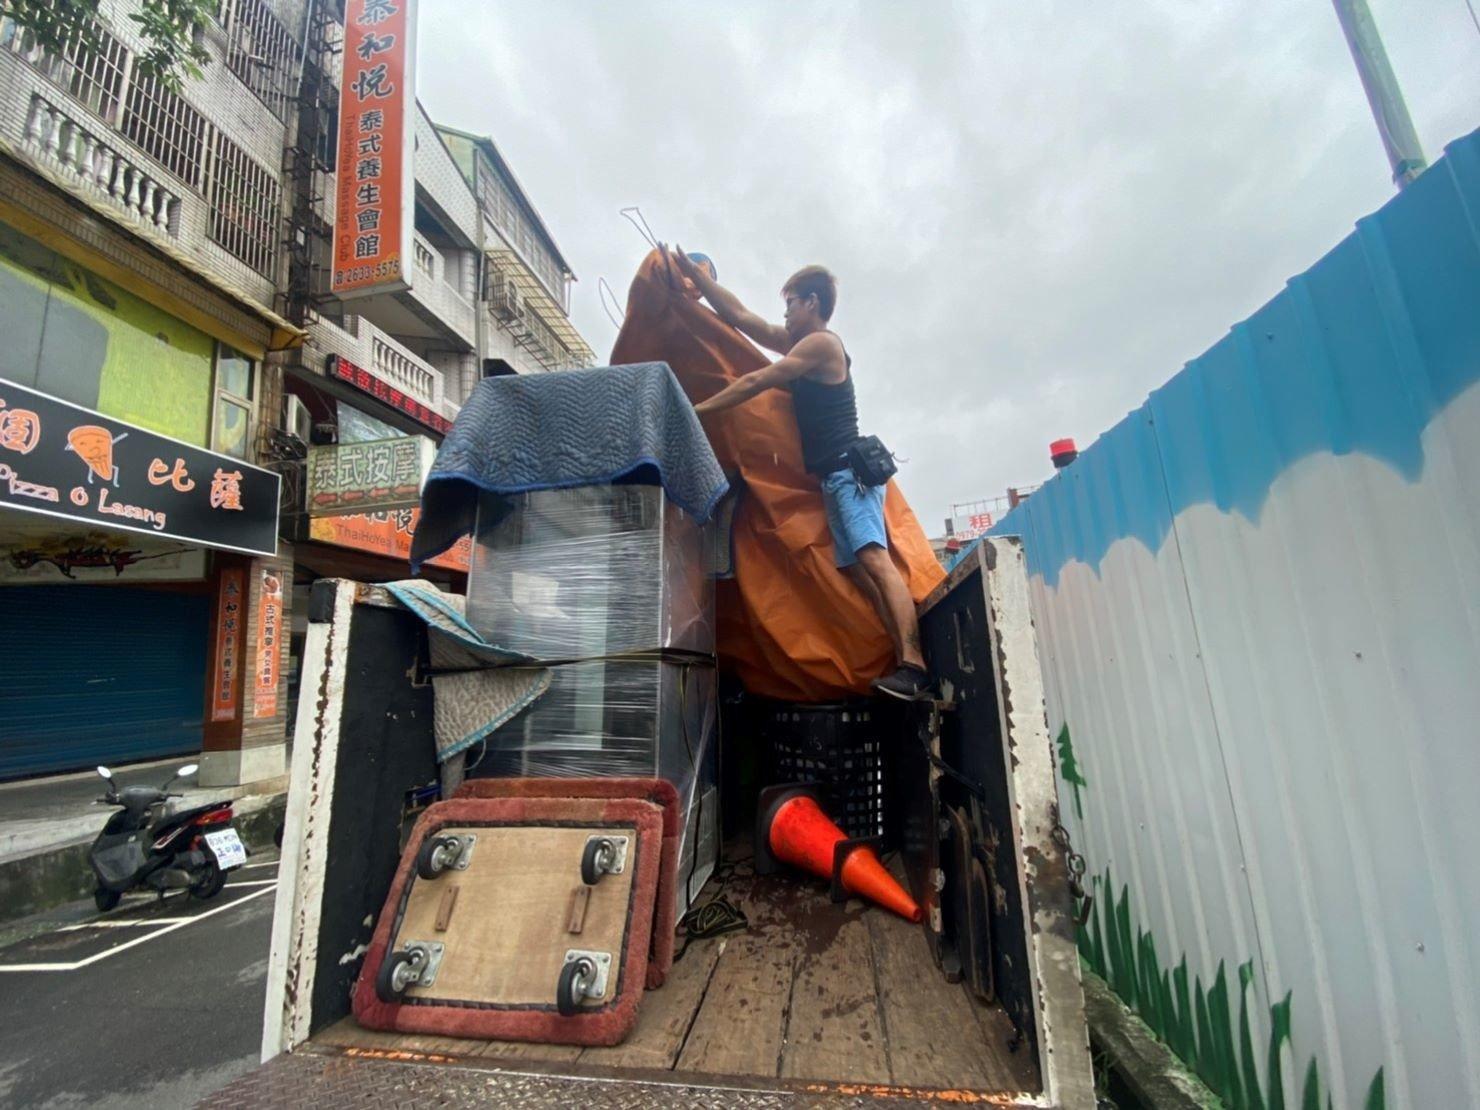 搬冰箱【榮福搬家公司】台北搬家、新北搬家、搬家首選、優質搬家,包裝搬運「細膩包裝、專業搬運、用心服務、以客為尊」值得您來選擇:安全包裹冰箱再三牢靠固定後再運送。